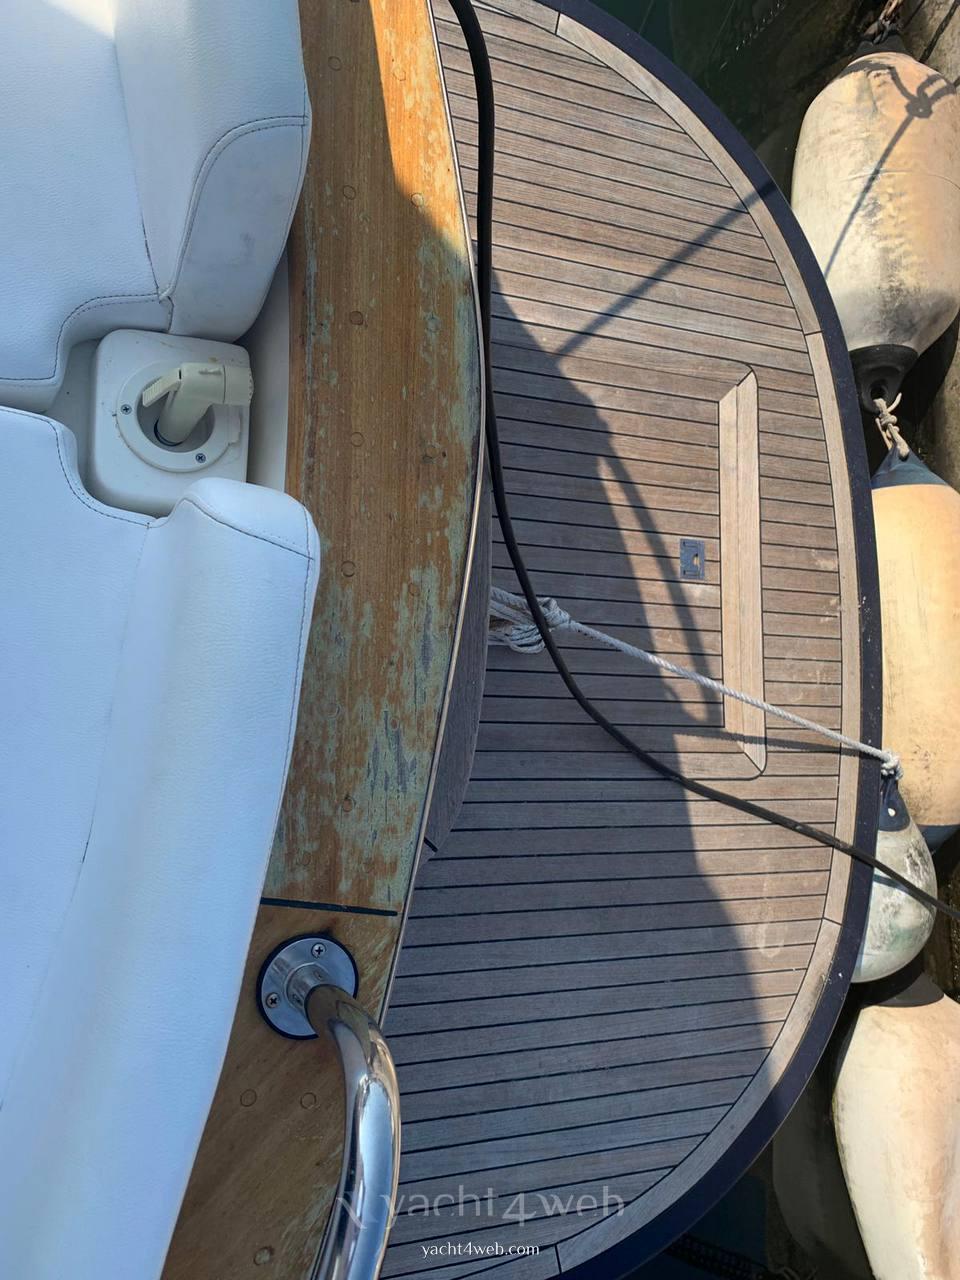 Aprea Mare 38' comfort Gozzo cabin cruiser occasion